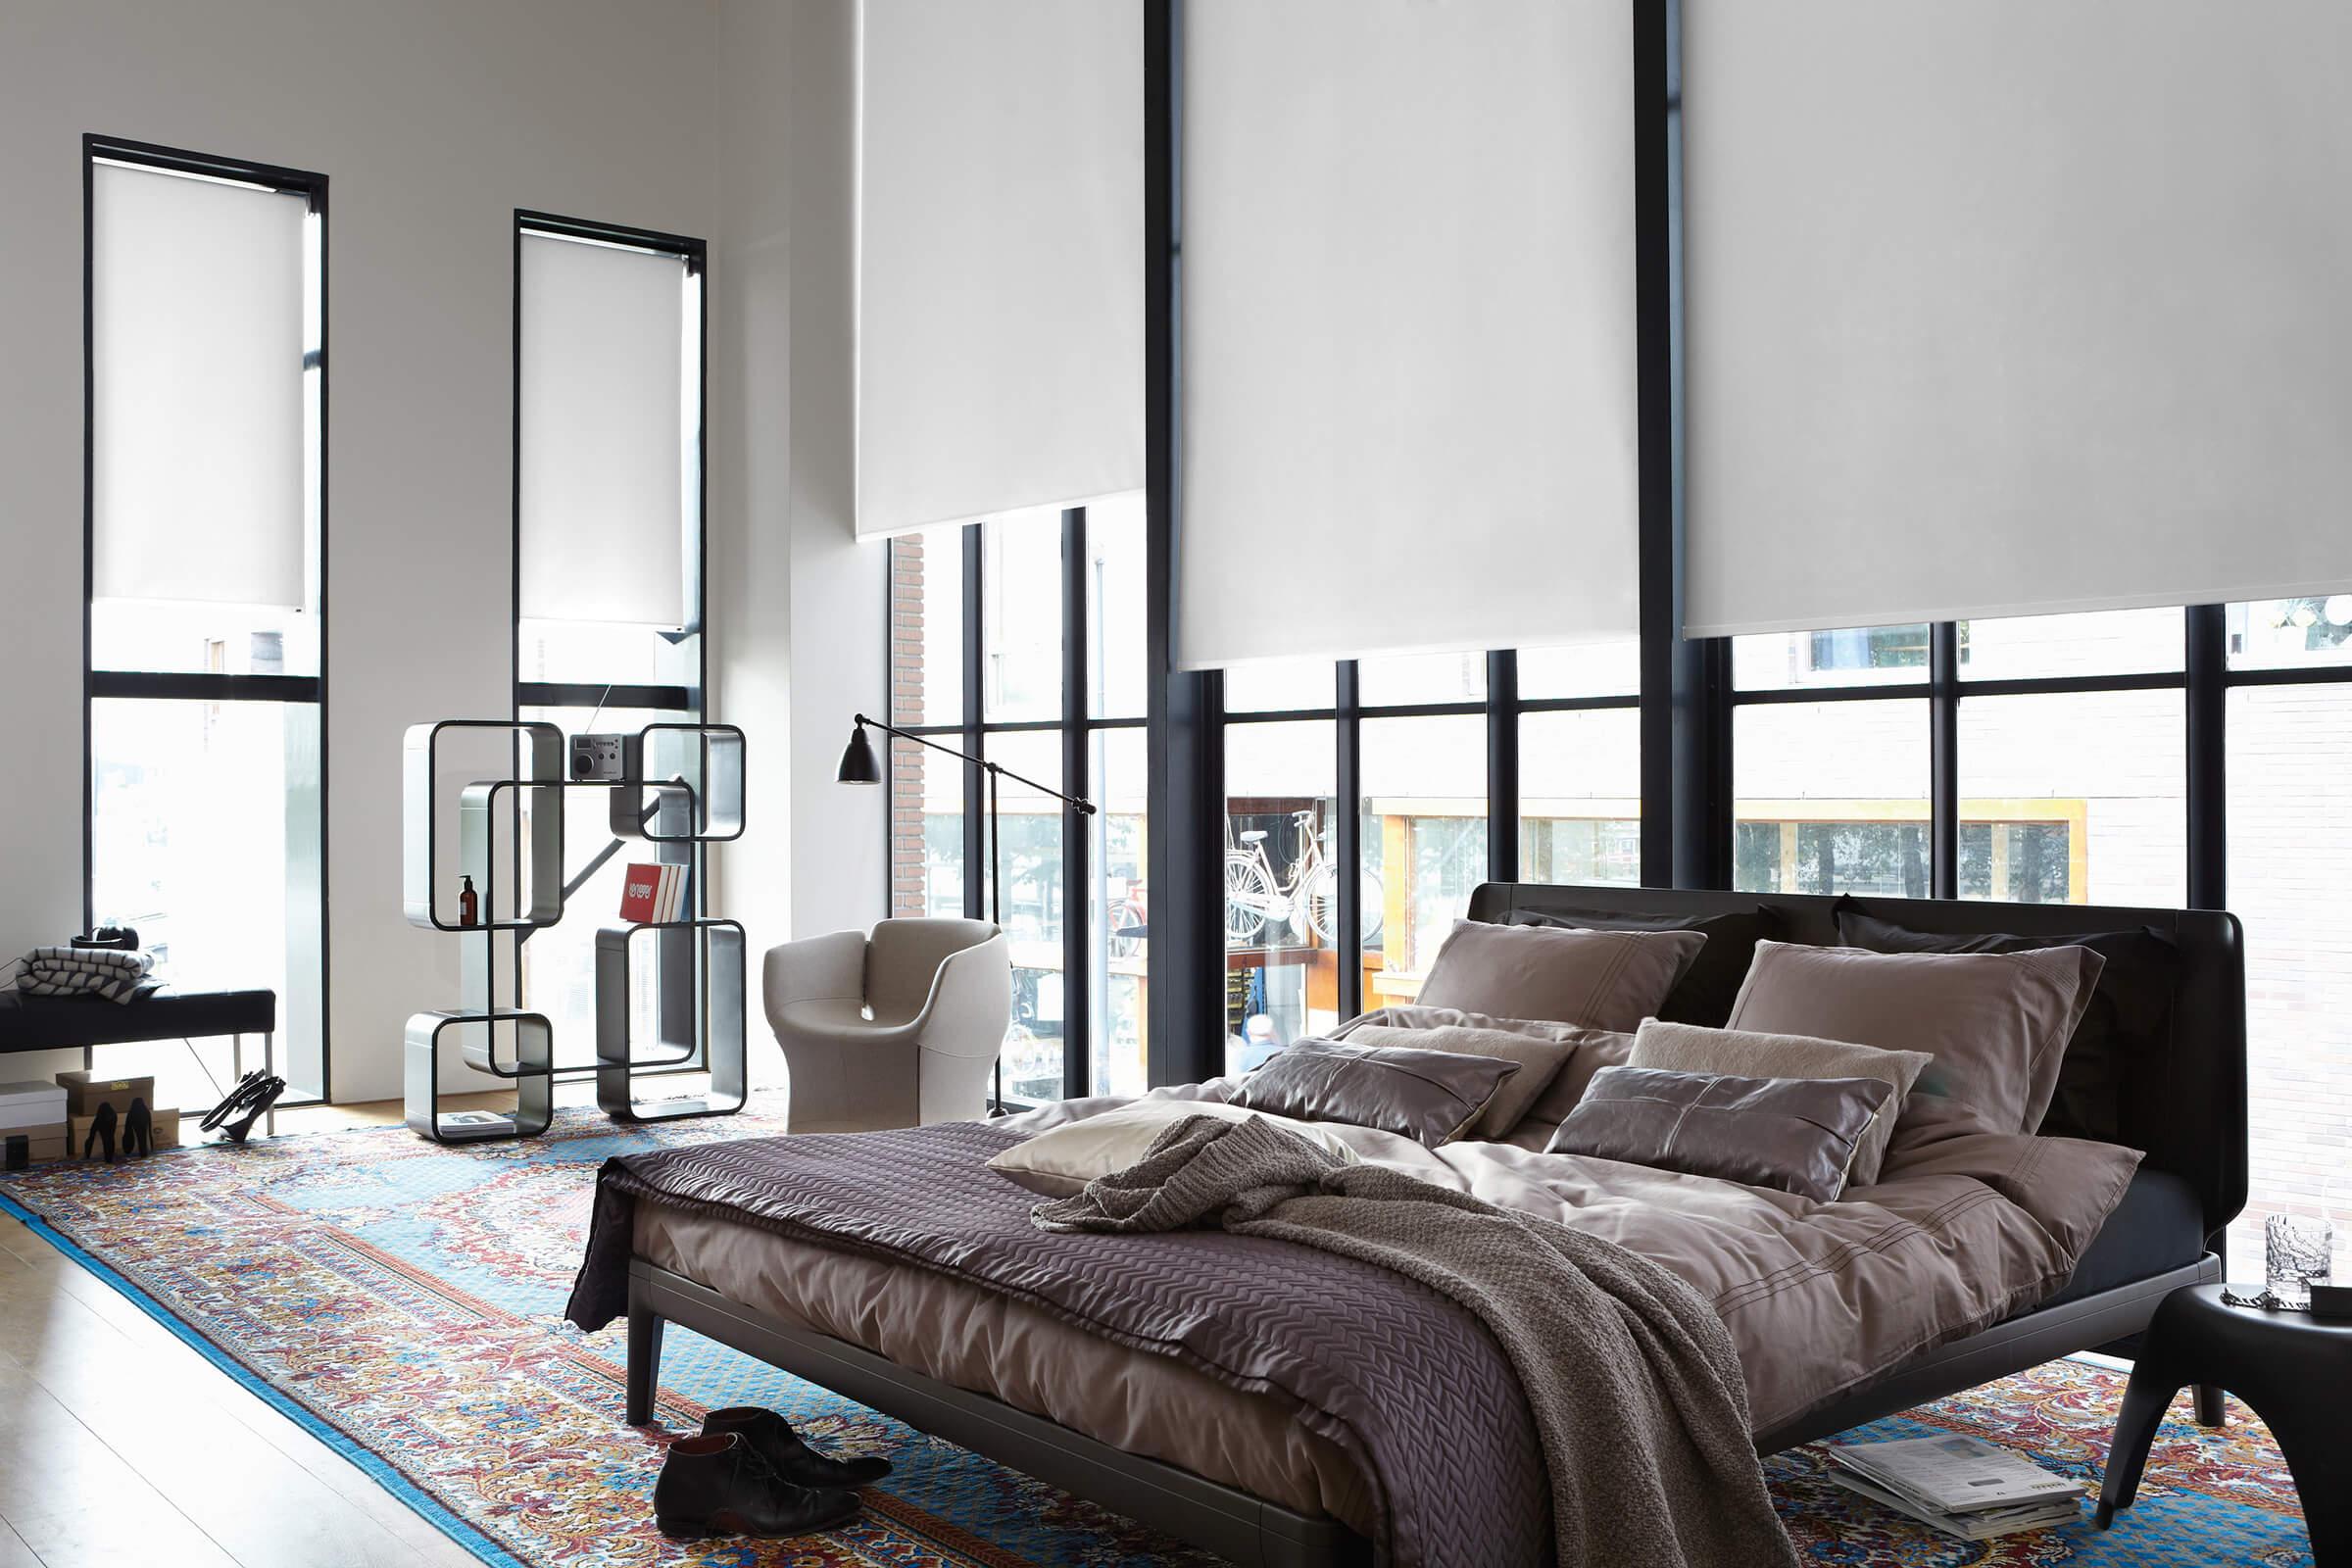 Ausgezeichnet Rollos Für Schlafzimmer Fotos - Schlafzimmer Ideen ...